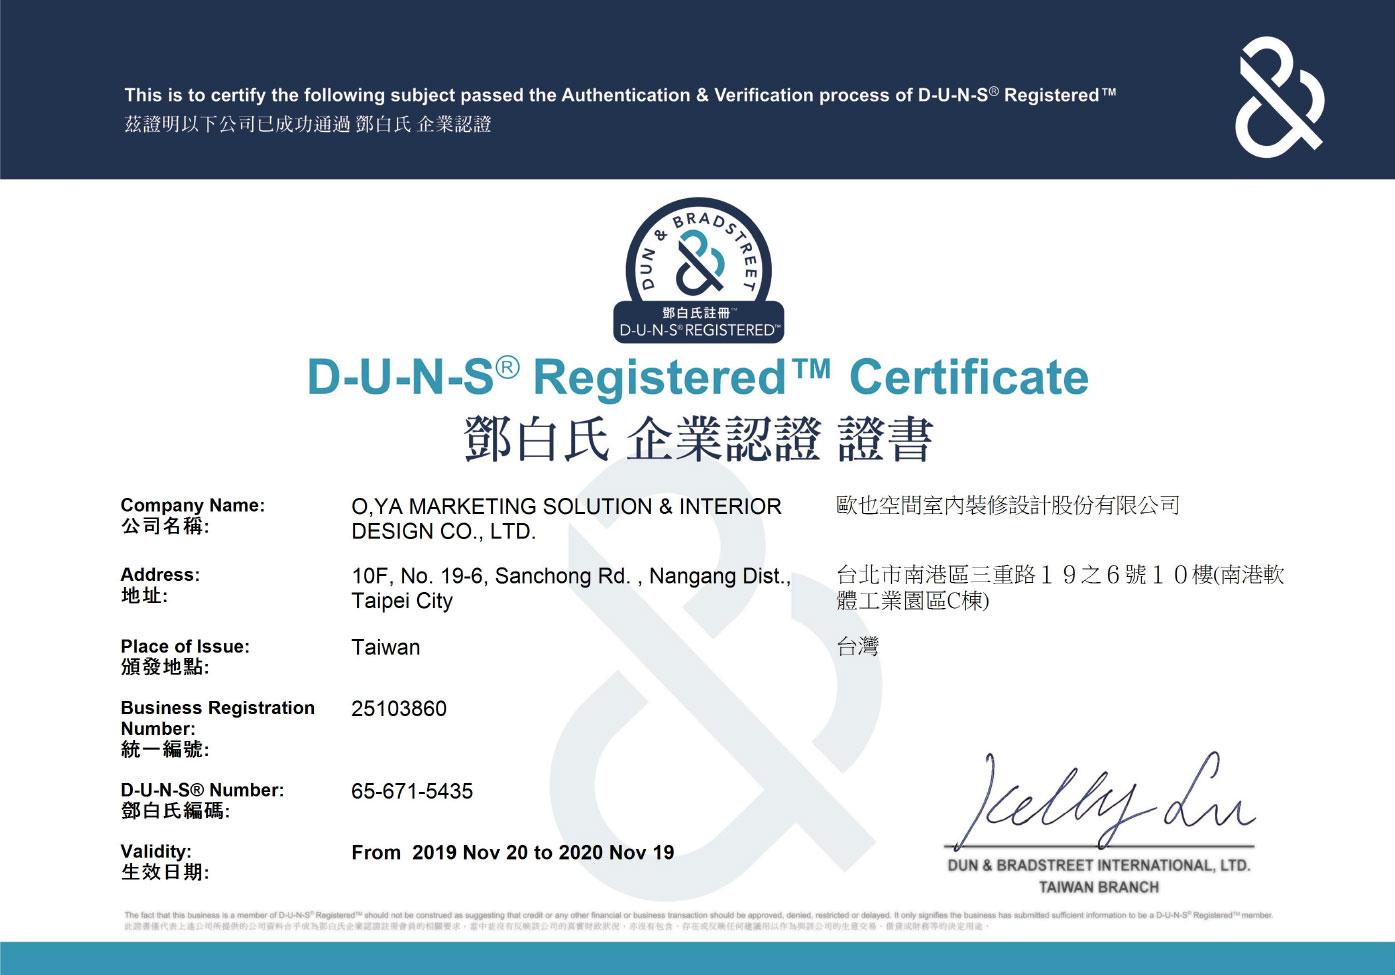 國際認證 - 鄧白氏企業認證DUNS Registered-歐也空間歐也空間展場設計